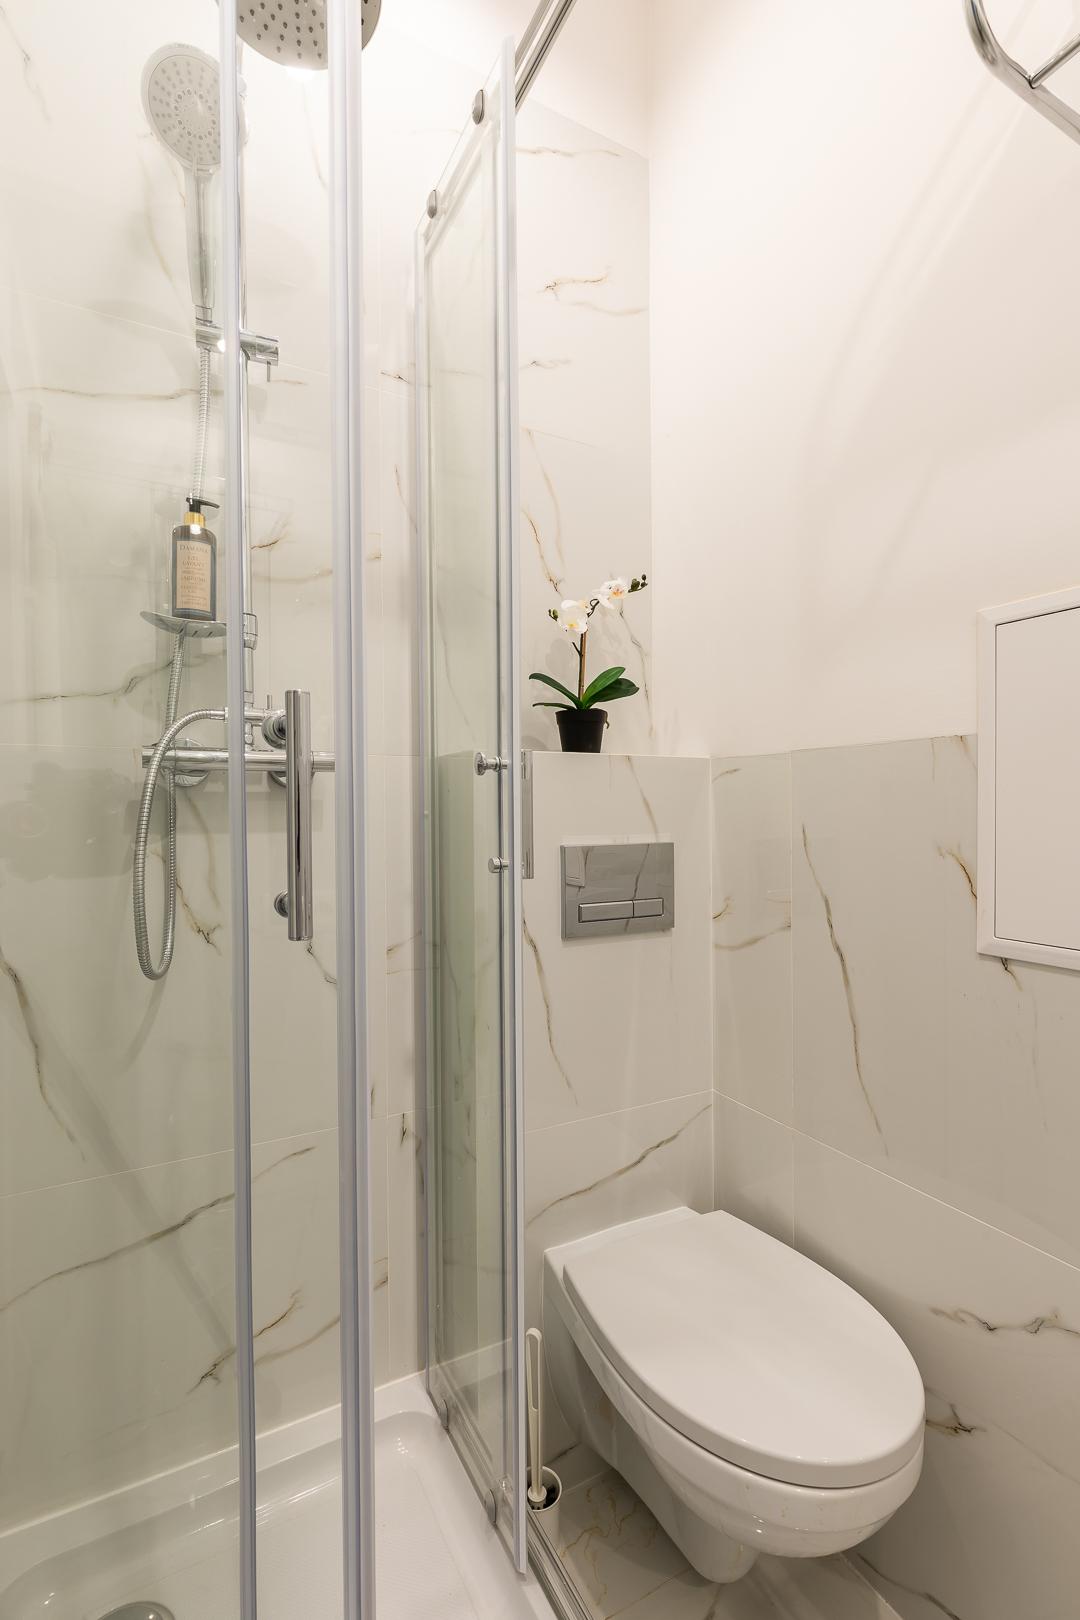 Bathroom at Franciszkaska 10 Apartment